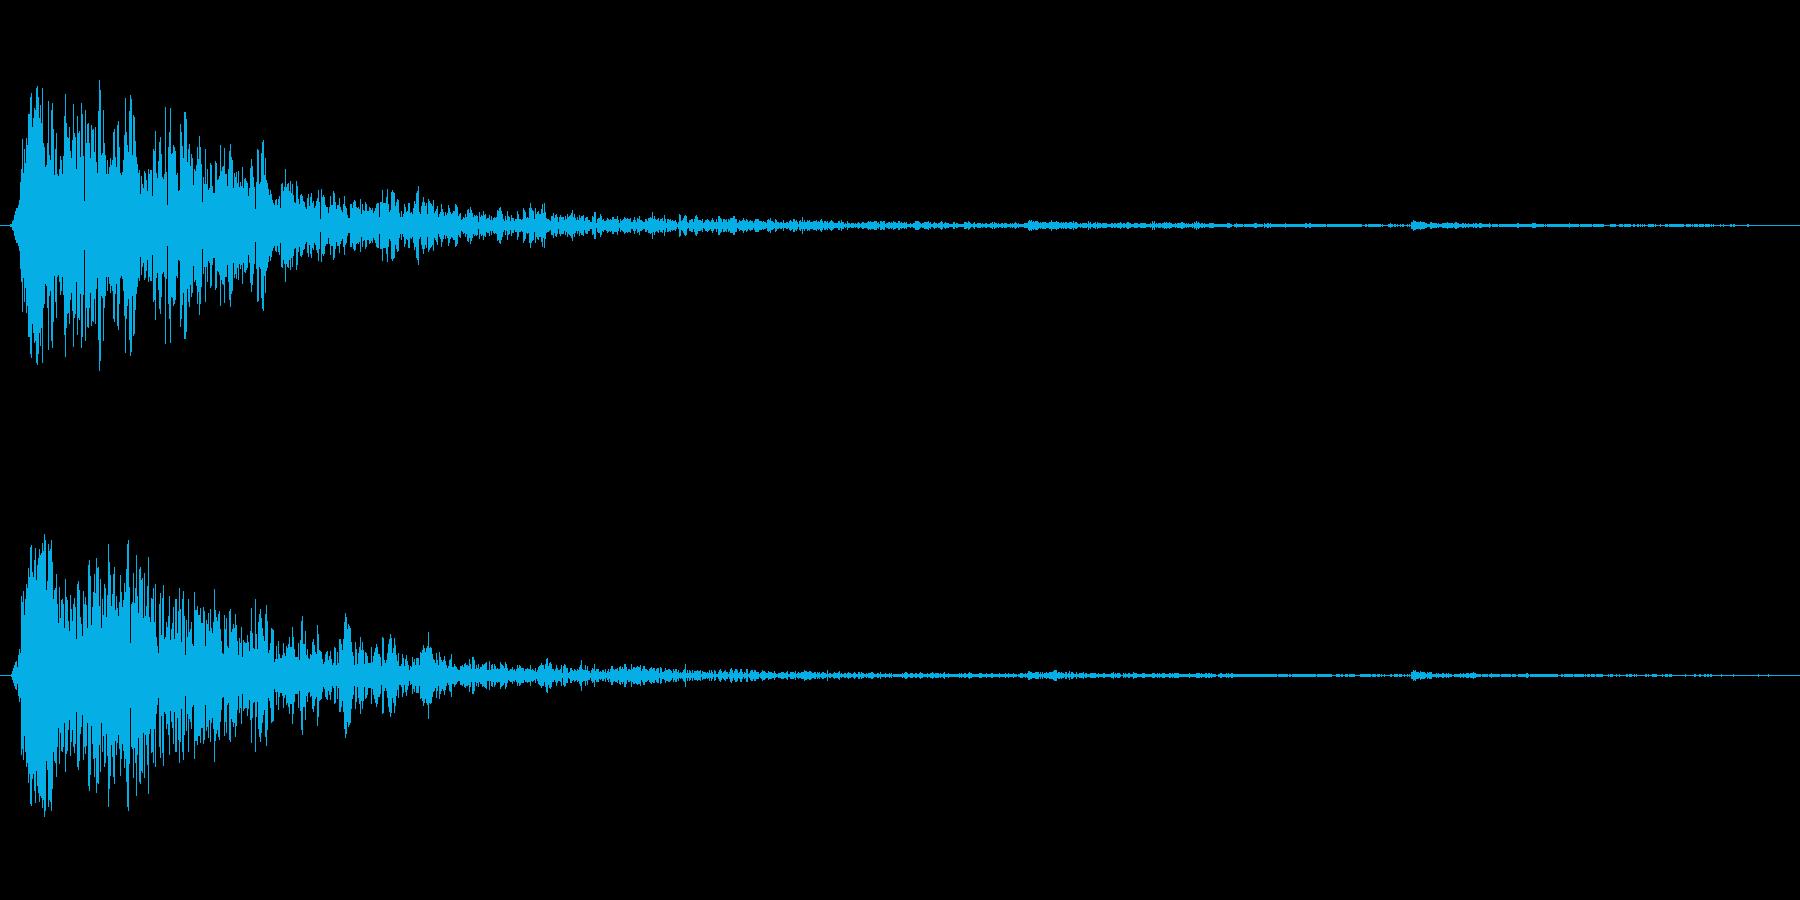 ハリウッド風切り替え音・衝撃音の再生済みの波形